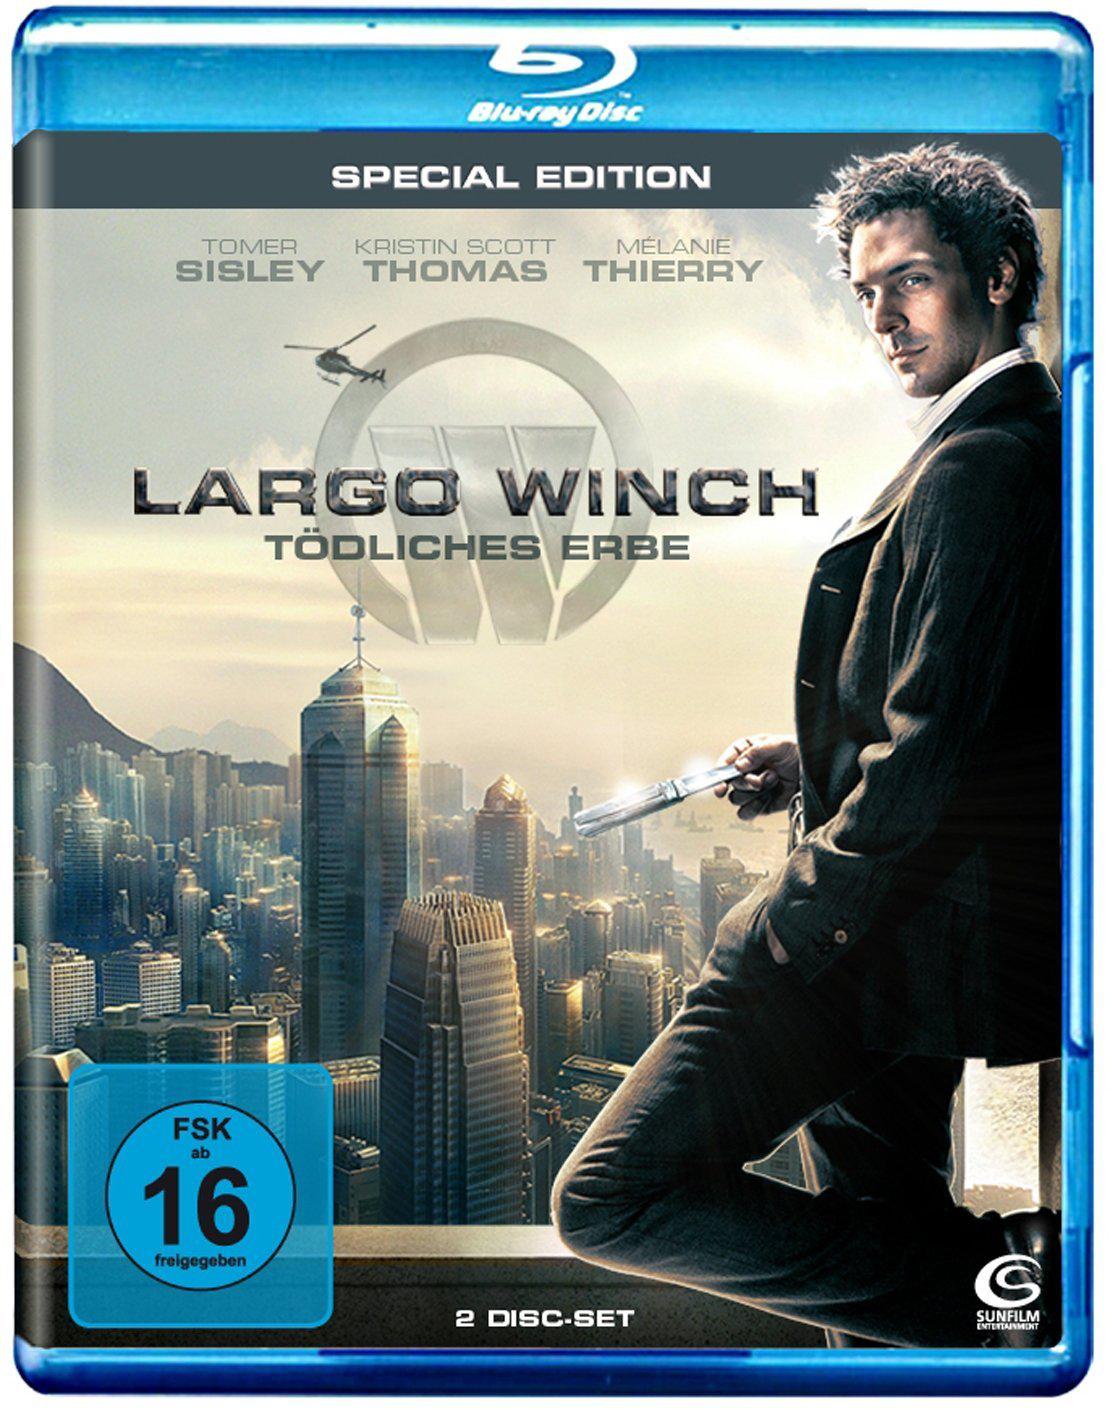 Lot de 3 Blu-rays au choix parmi une sélection